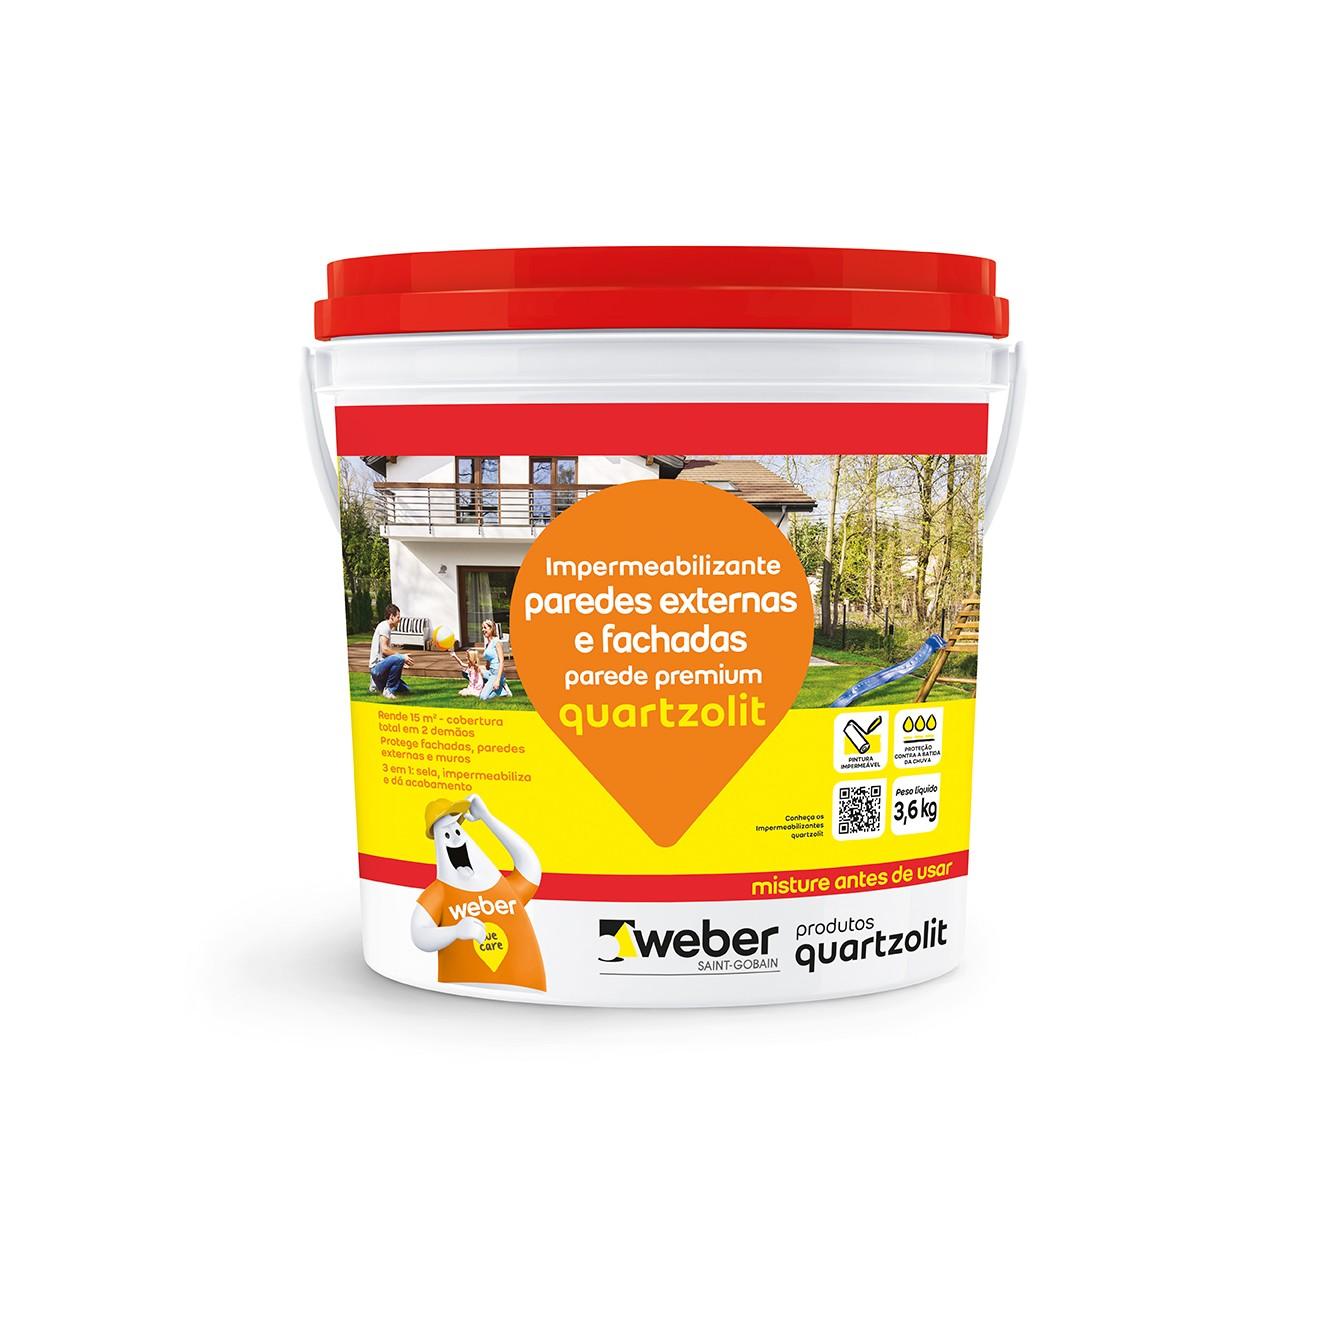 Impermeabilizante para Paredes Externas e Fachadas 36kg - Quartzolit